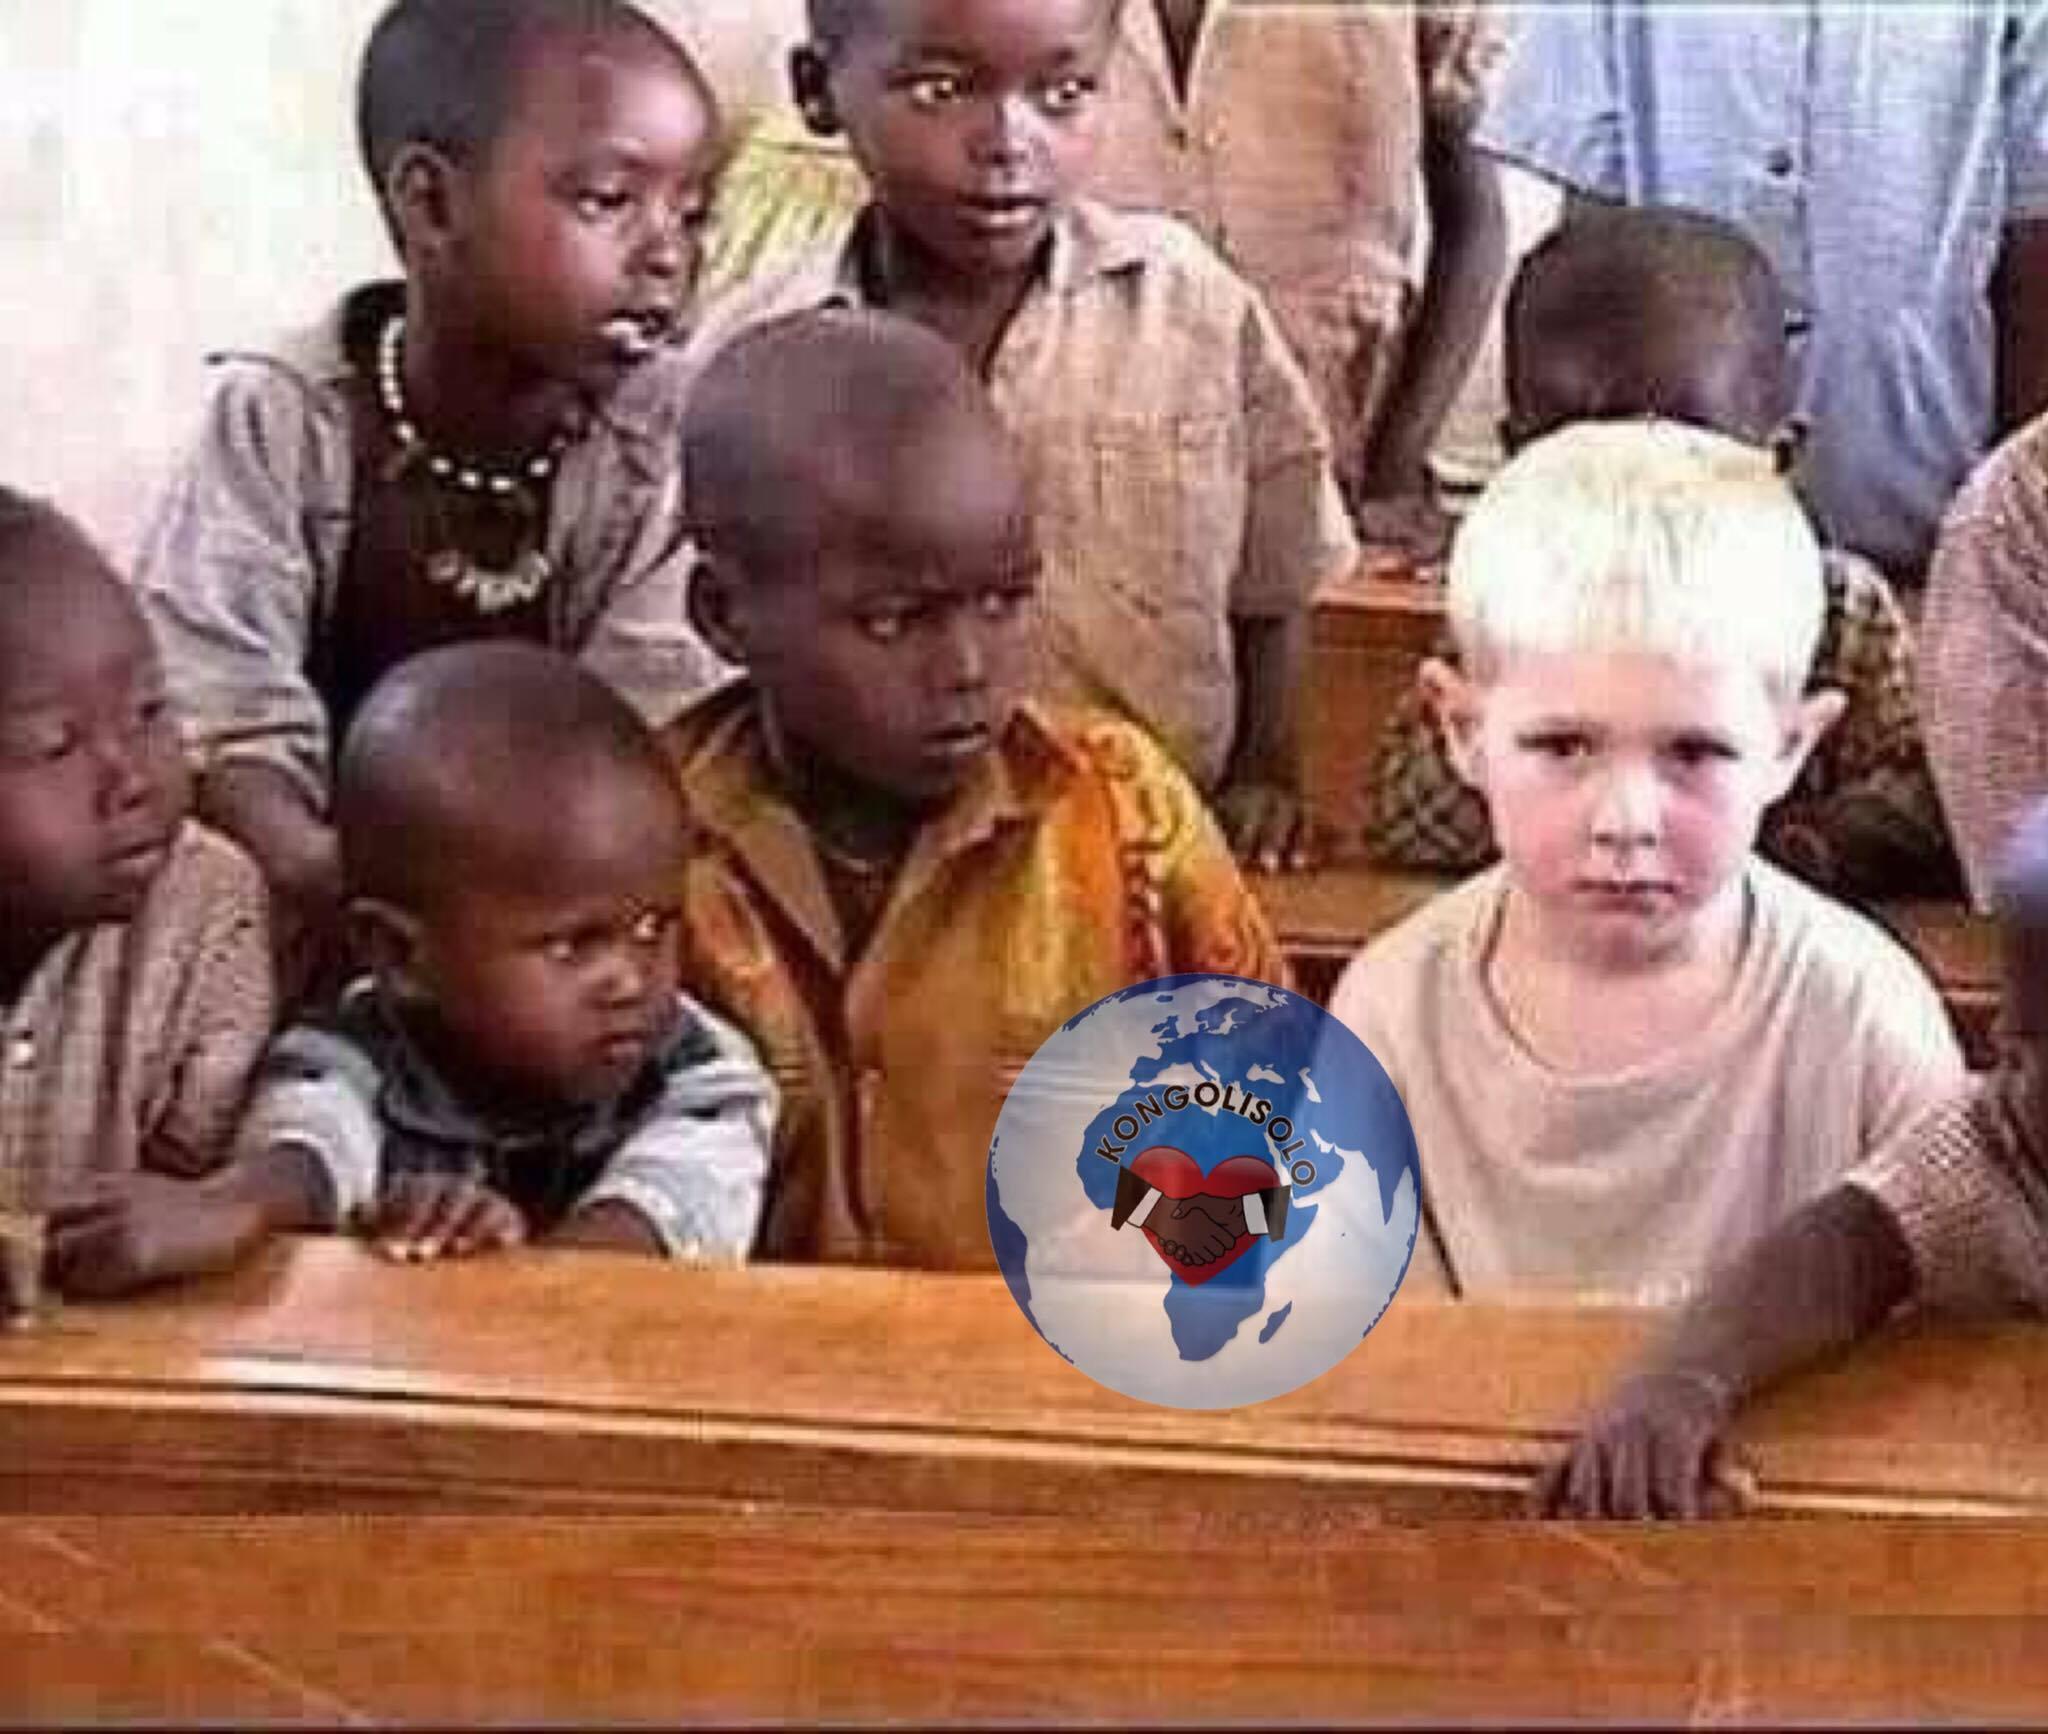 Regardez le visage du petit garçon assis à droite du fils du Maître